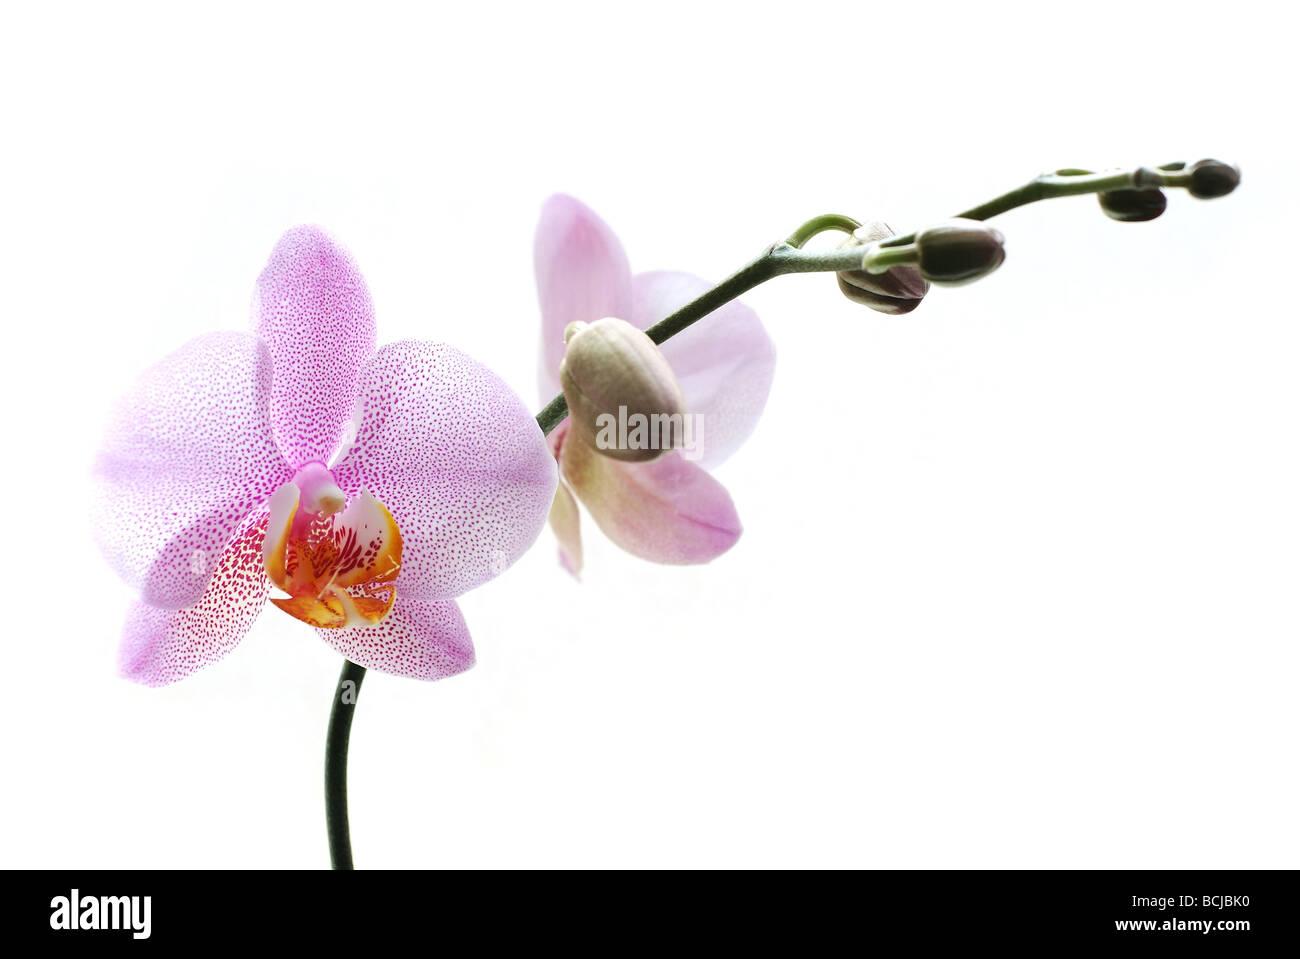 Rosa Phalaenopsis-Orchideen isoliert auf weißem Hintergrund Stockbild